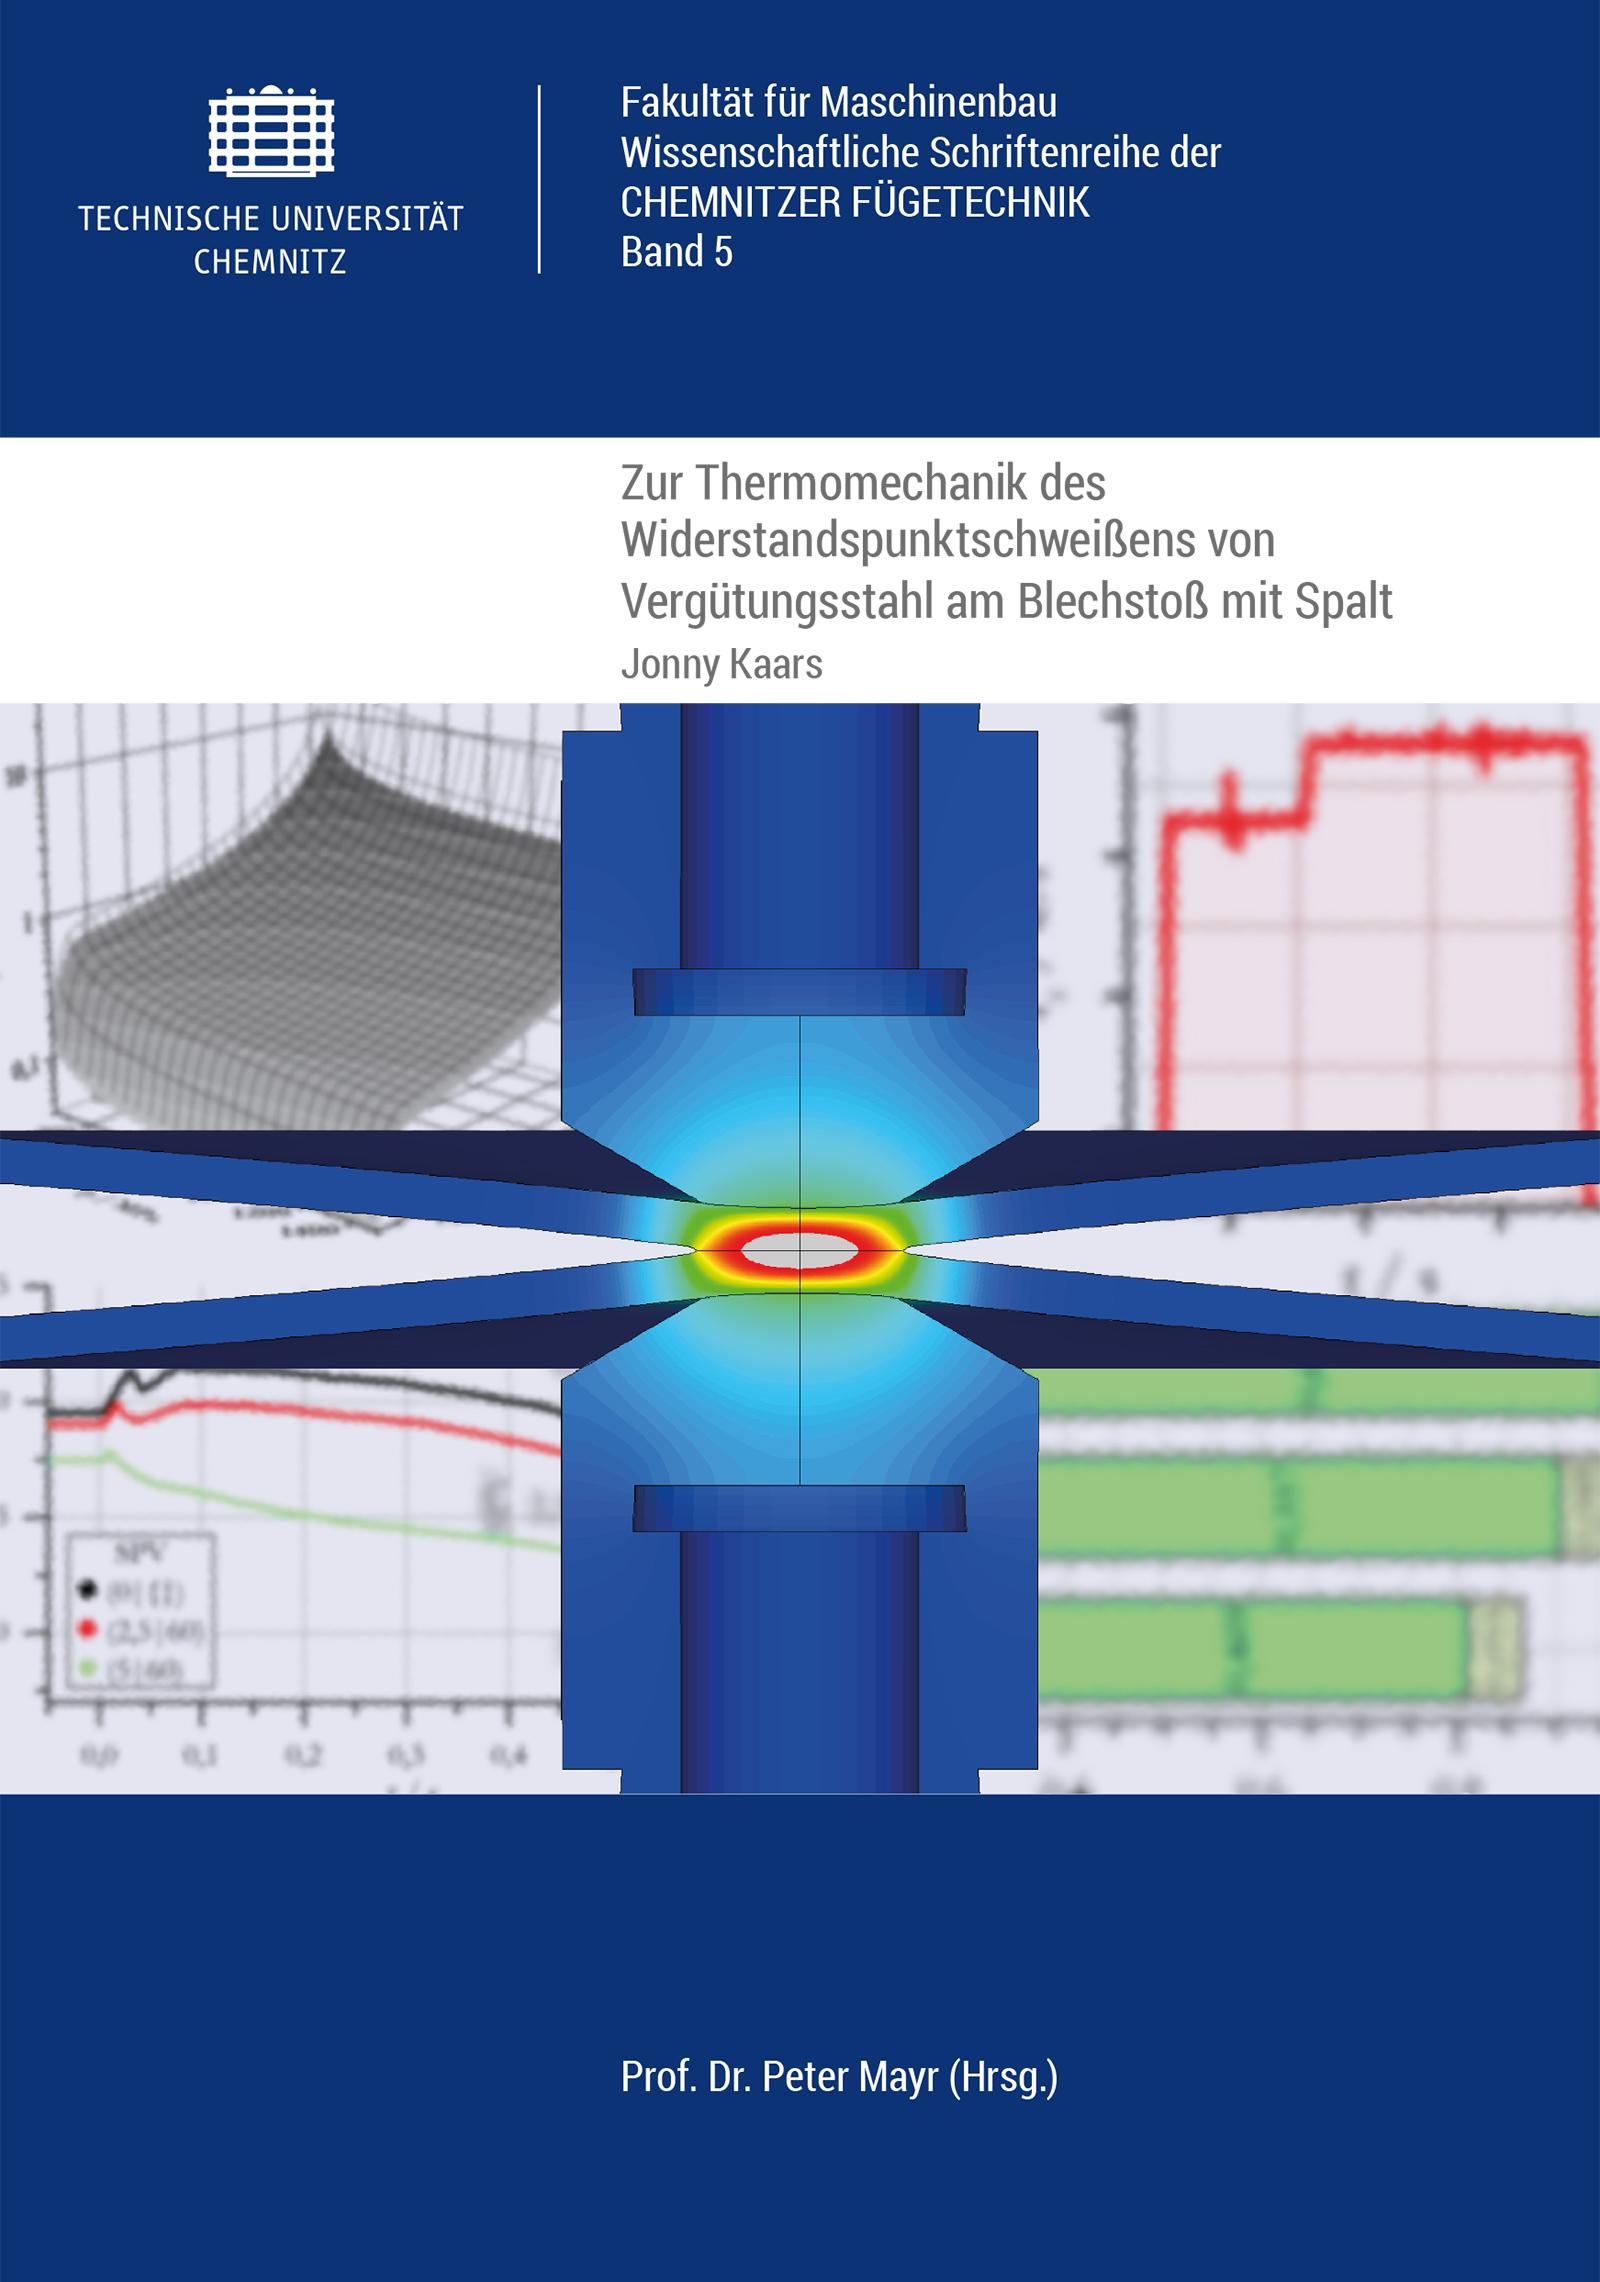 Cover: Zur Thermomechanik des Widerstandspunktschweißens von Vergütungsstahl am Blechstoß mit Spalt